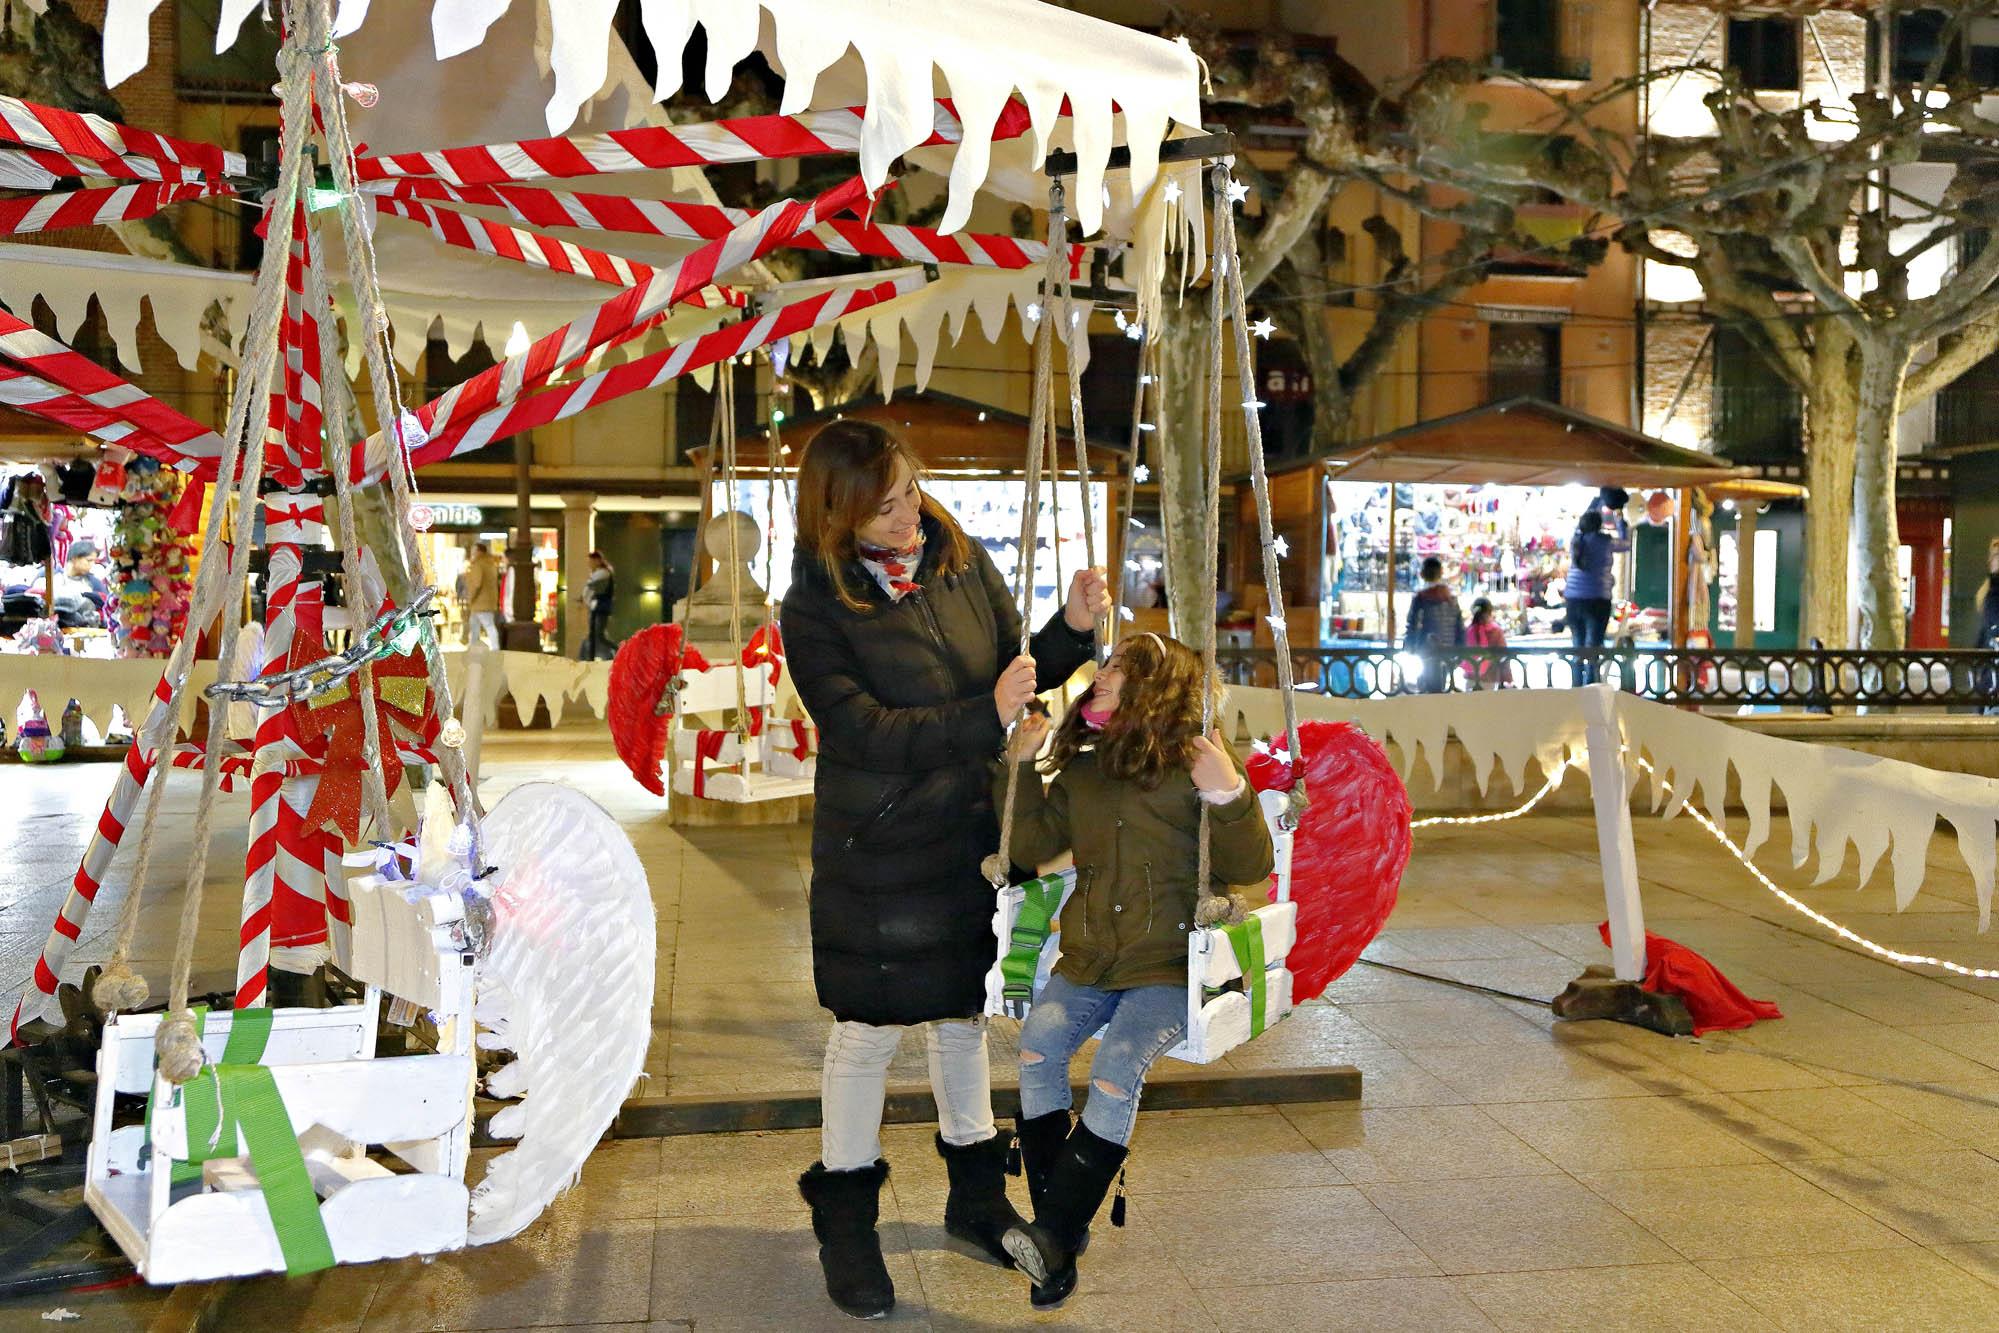 Además del mercadillo, en la plaza hay varias atracciones para los más pequeños.